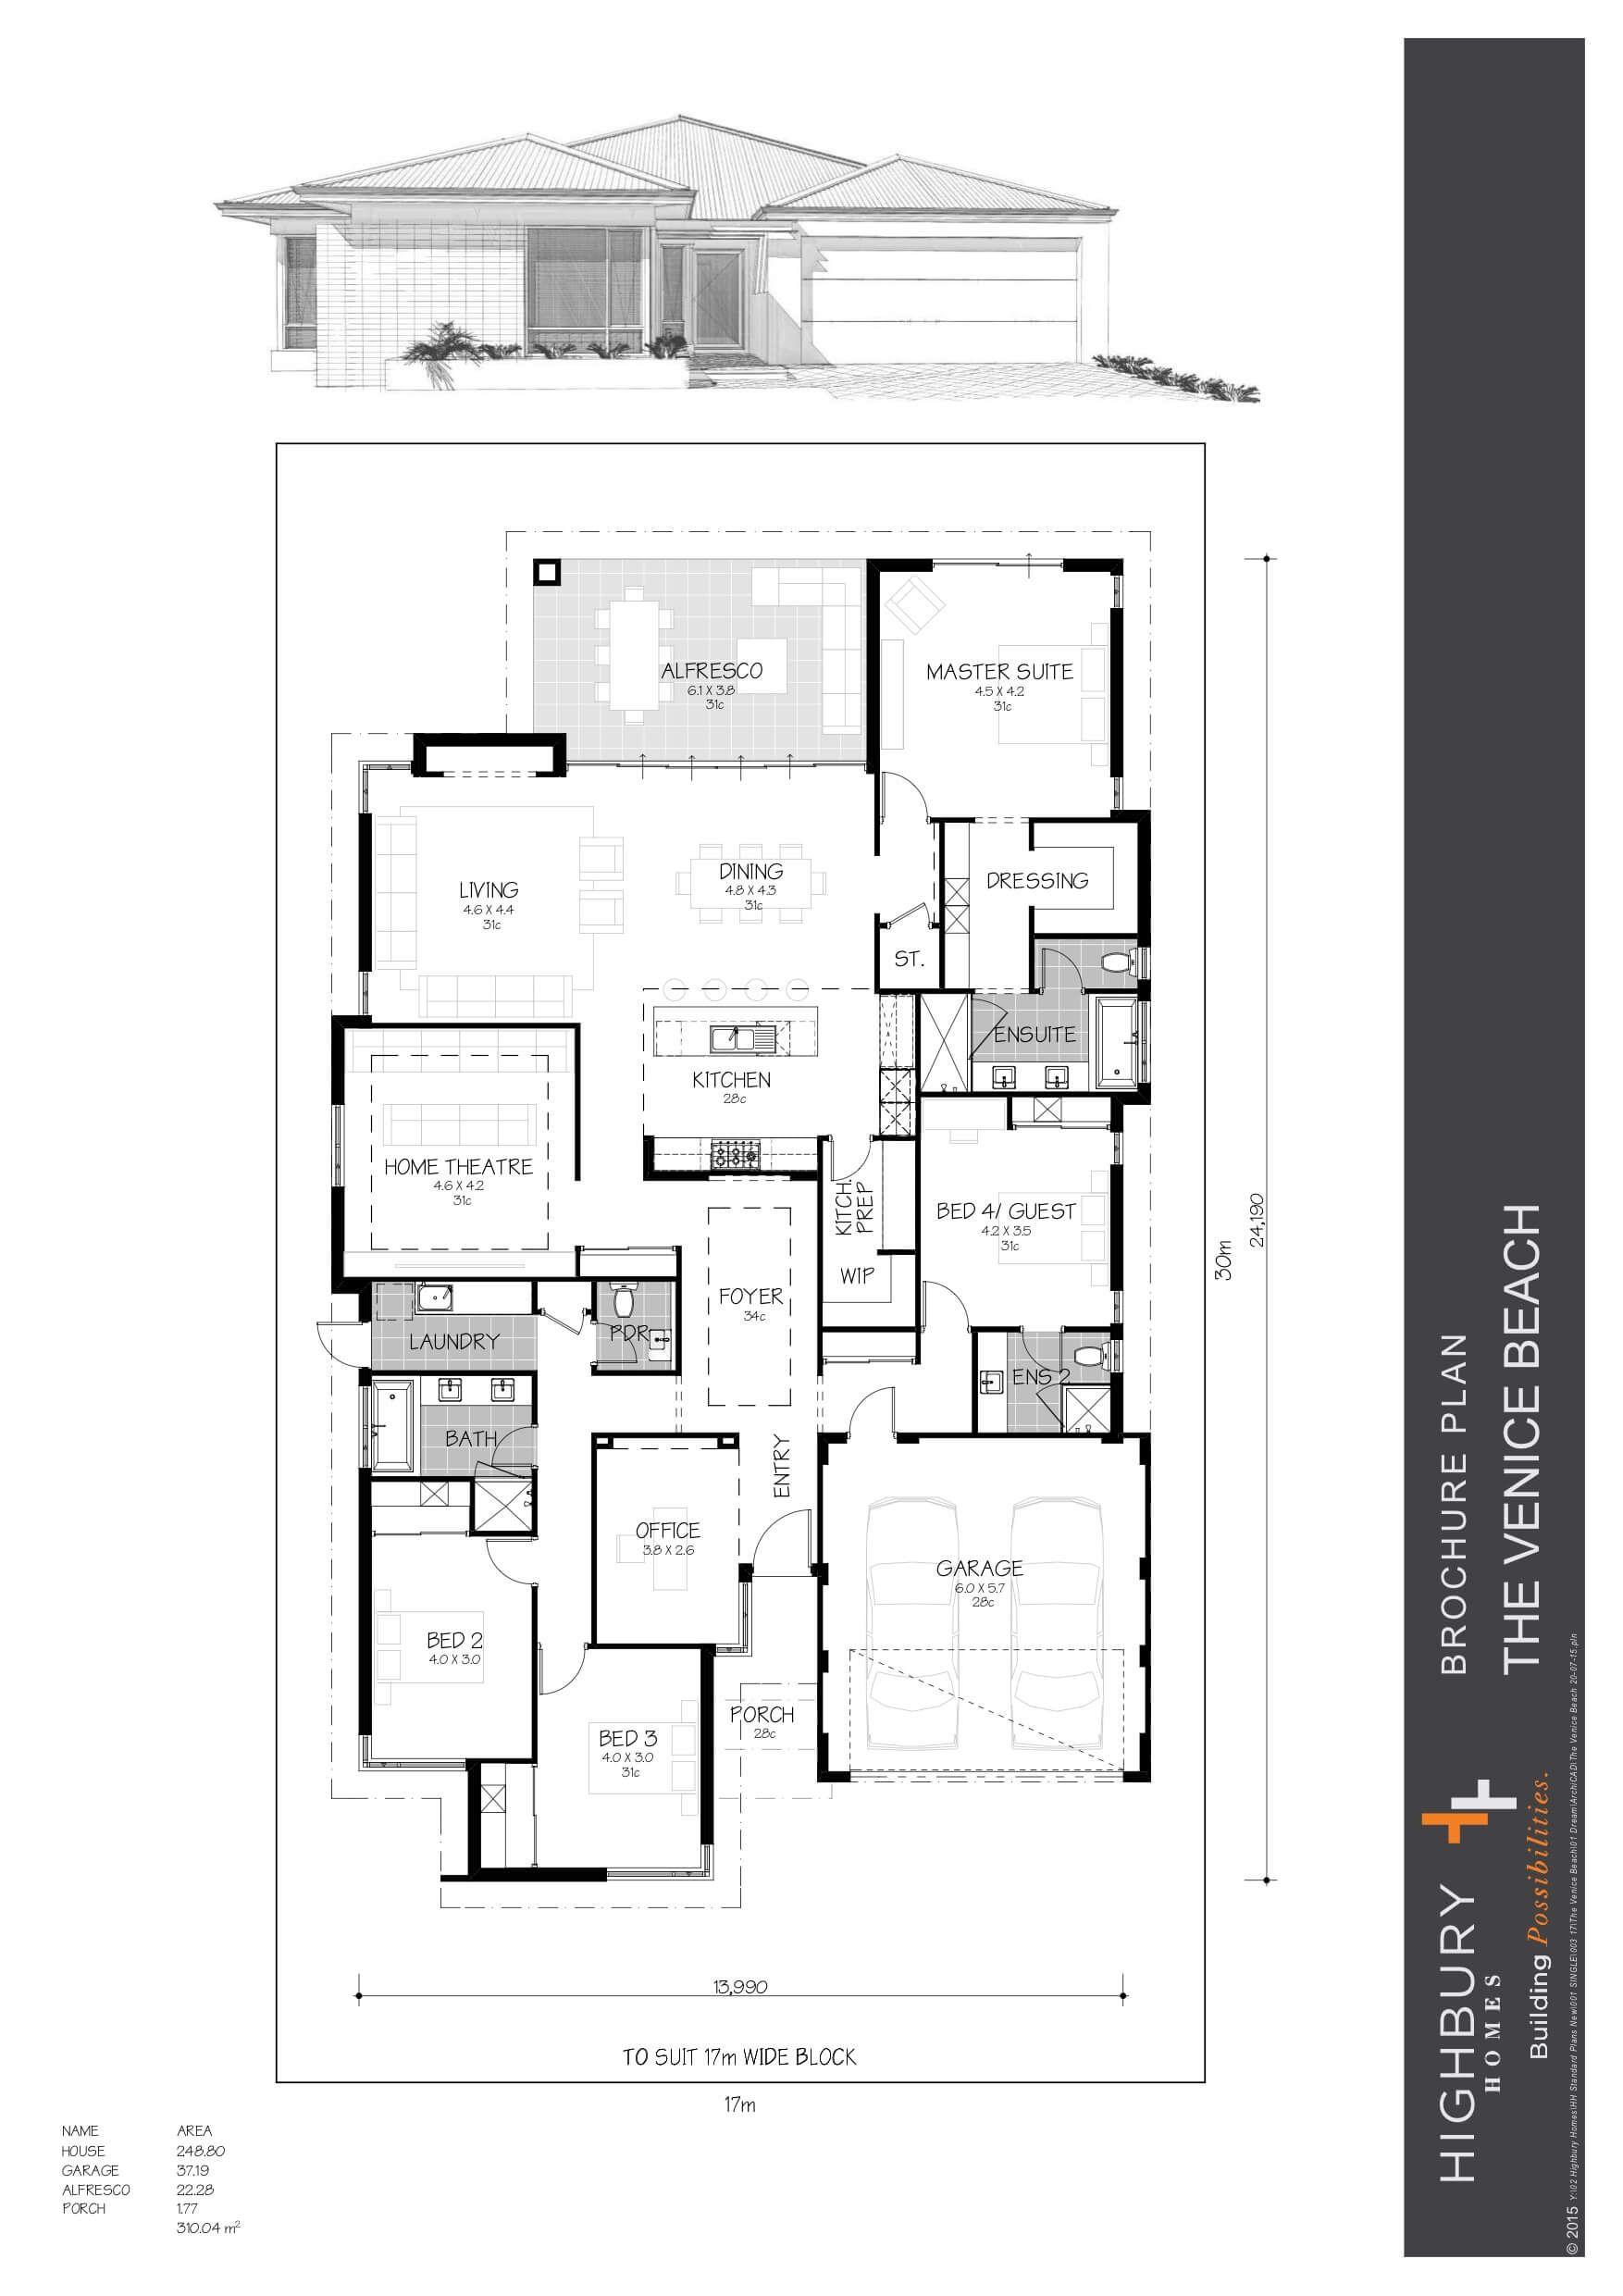 The Venice Beach Home Floorplan Beach Floor Plans How To Plan Dream House Plans